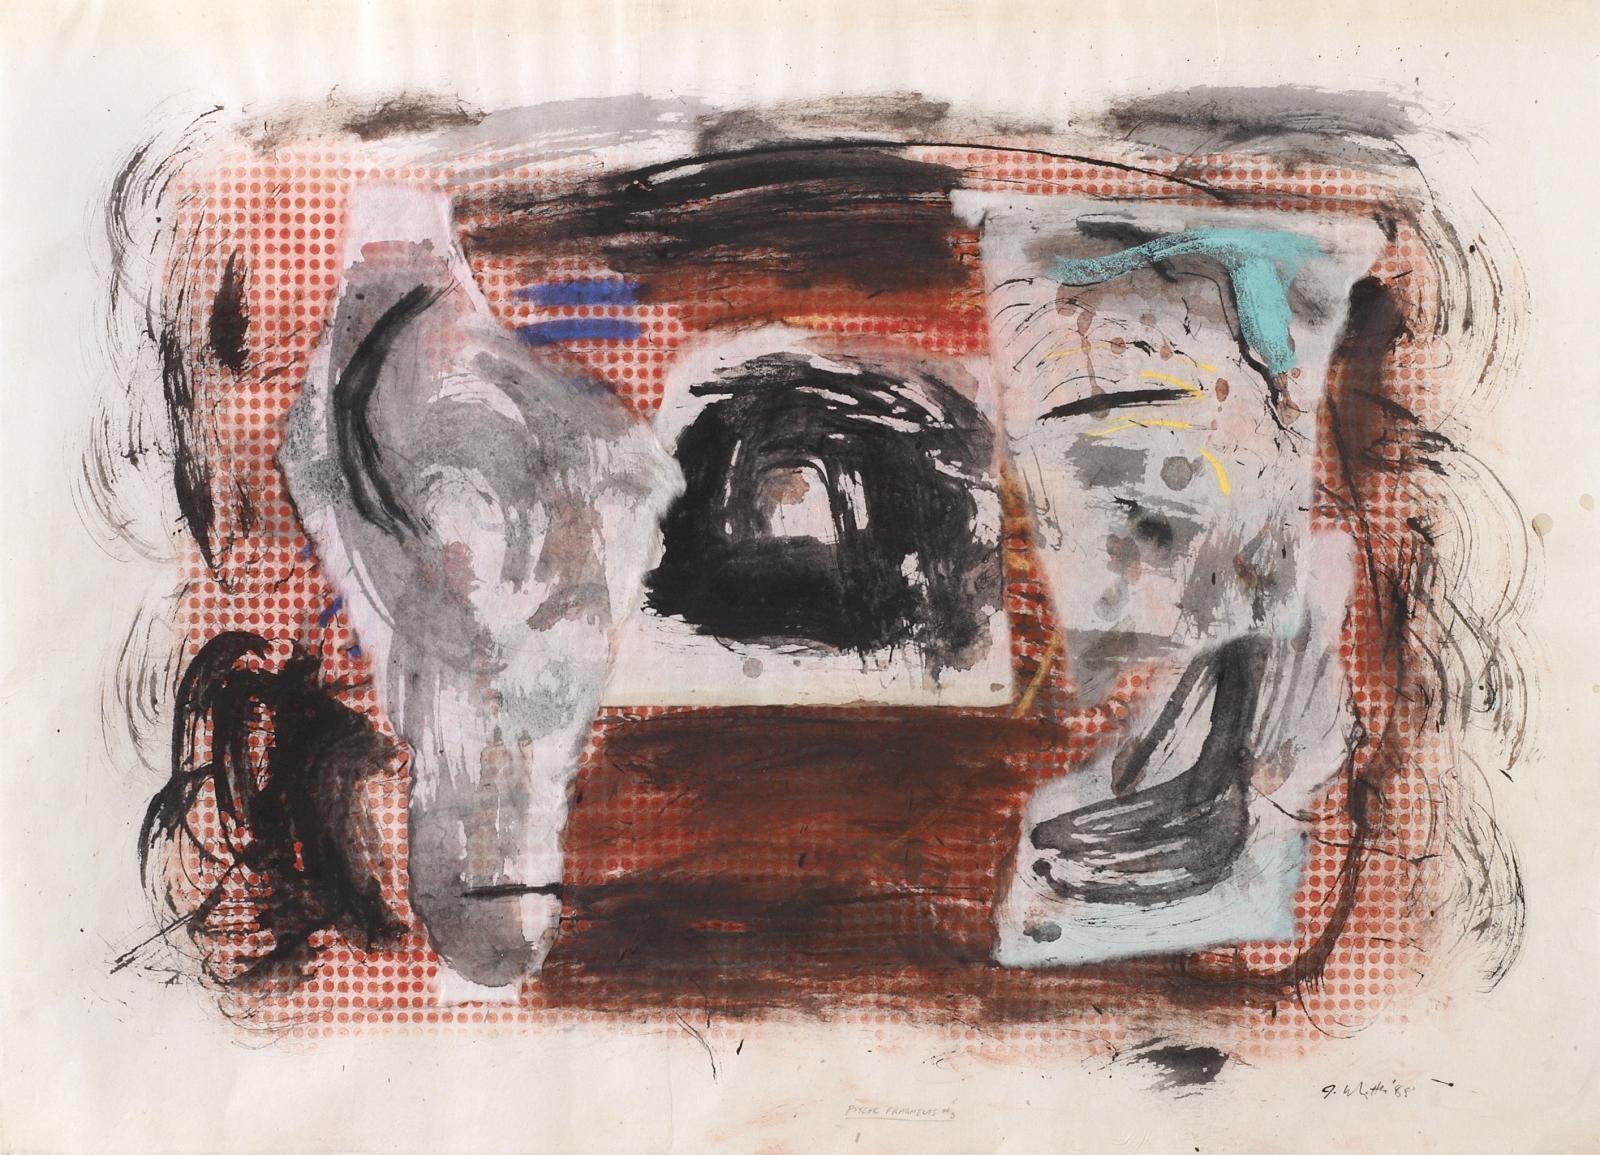 Jack Whitten, Psychic Fragments #3, 1988